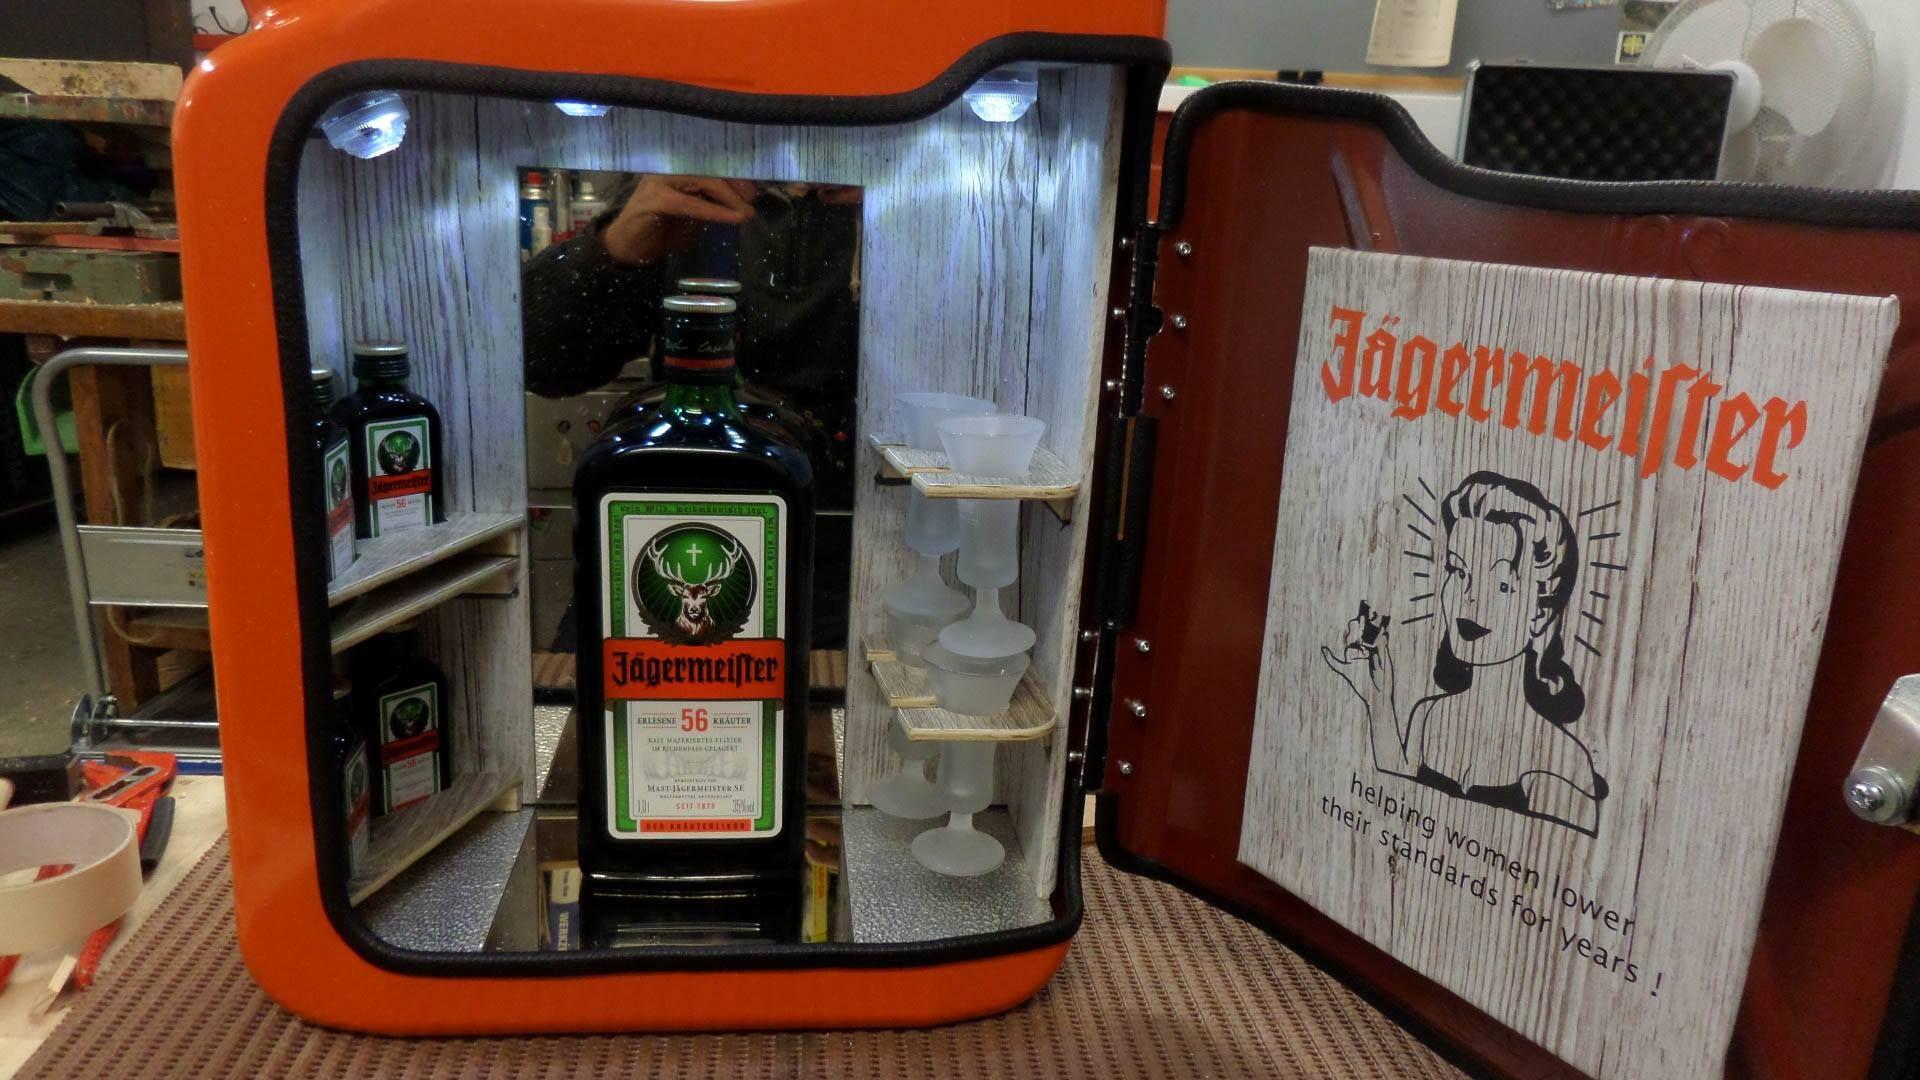 Jägermeister Xxl Flasche